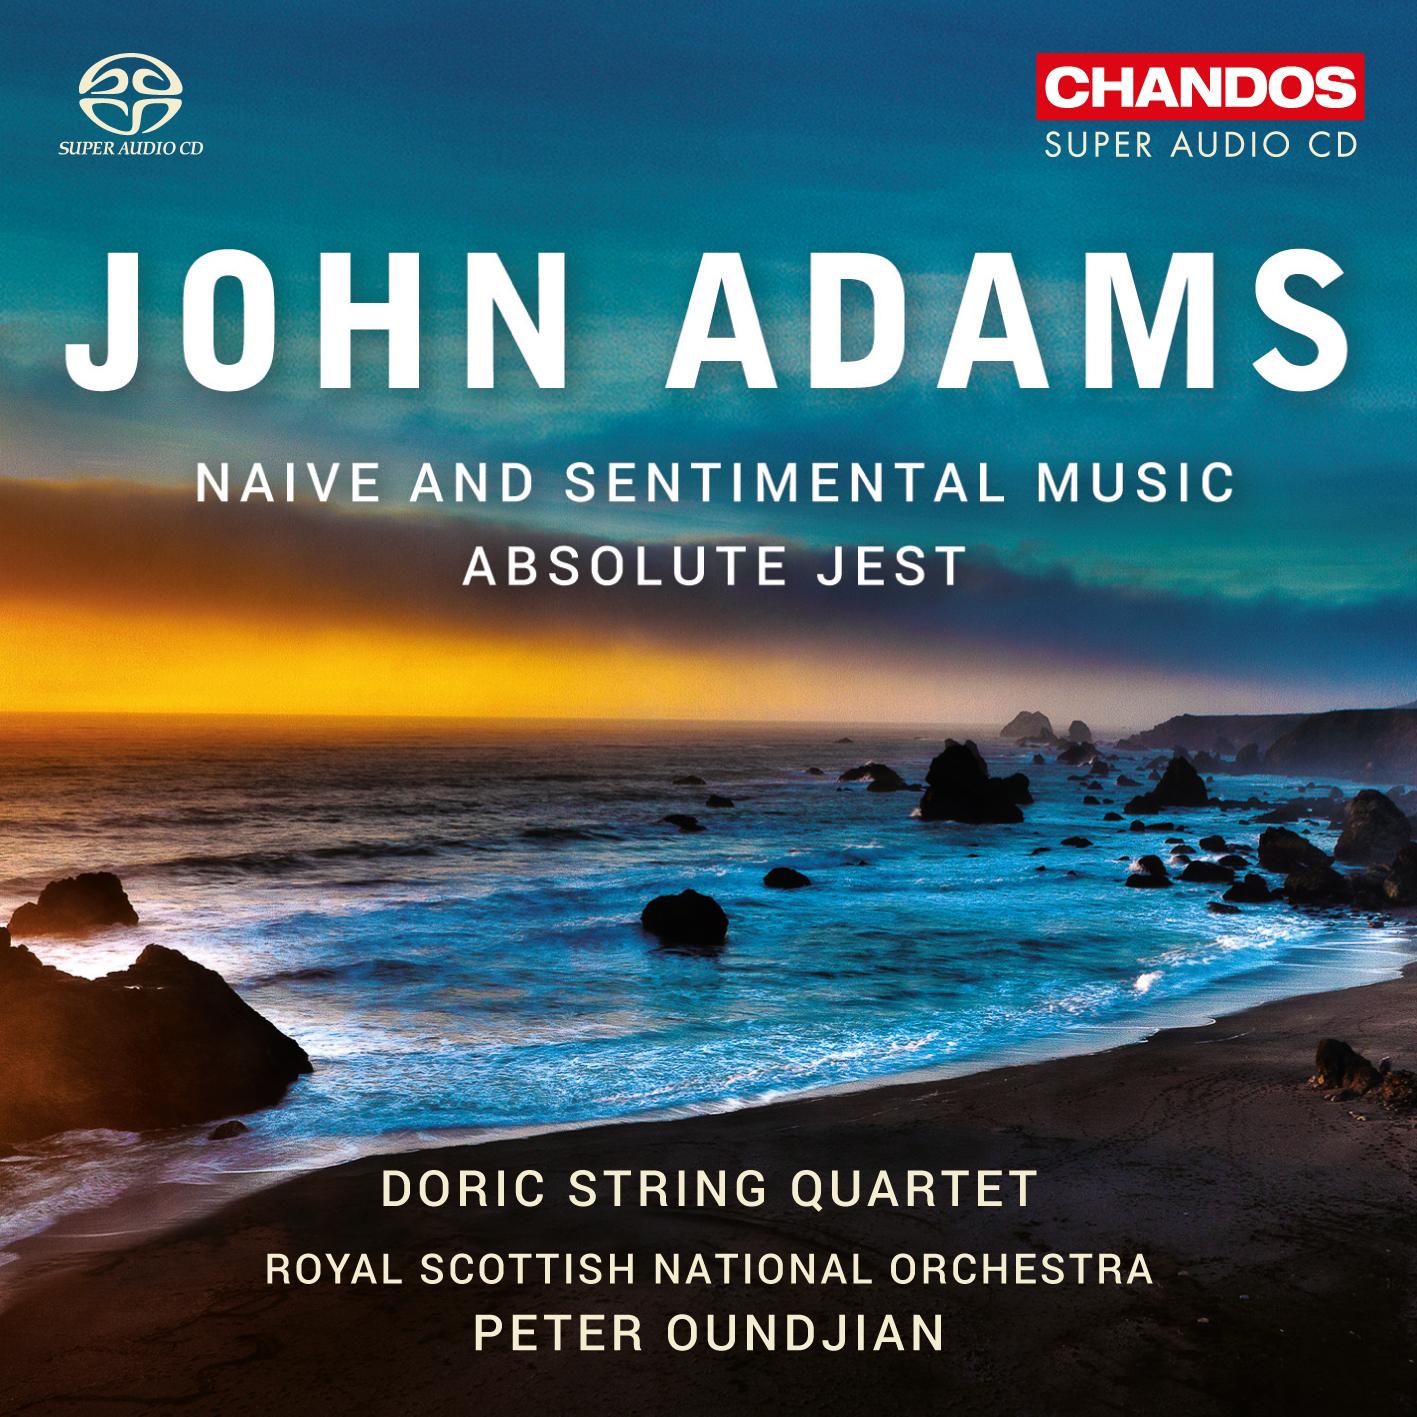 Doric Quartet John Adams